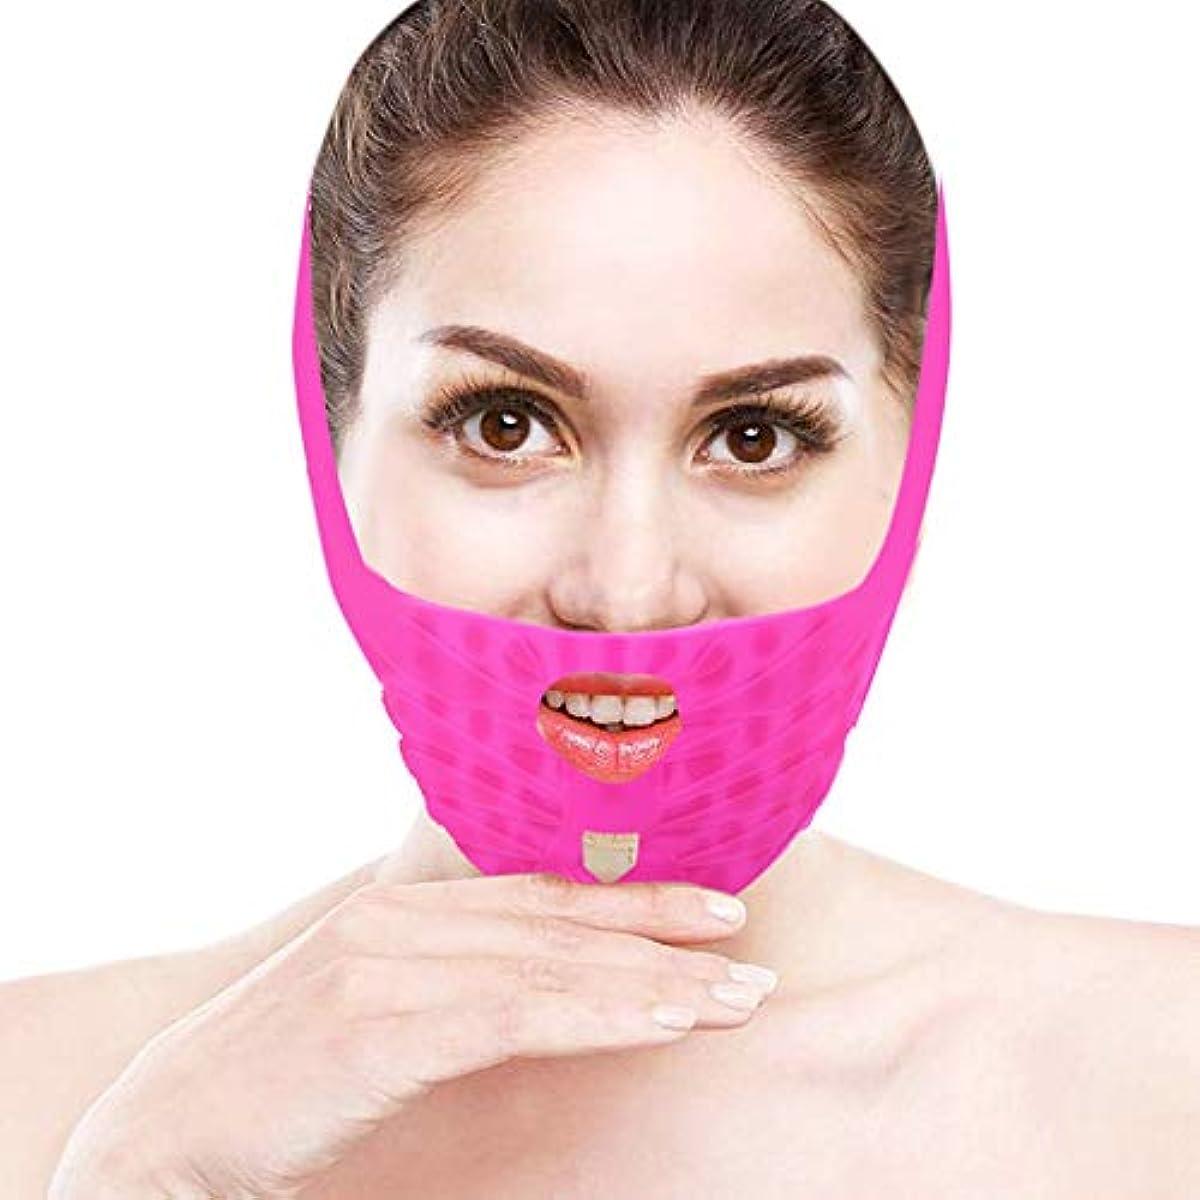 議会うそつき環境に優しいフェイススリミングマスク シリコン包帯 Vラインマスク